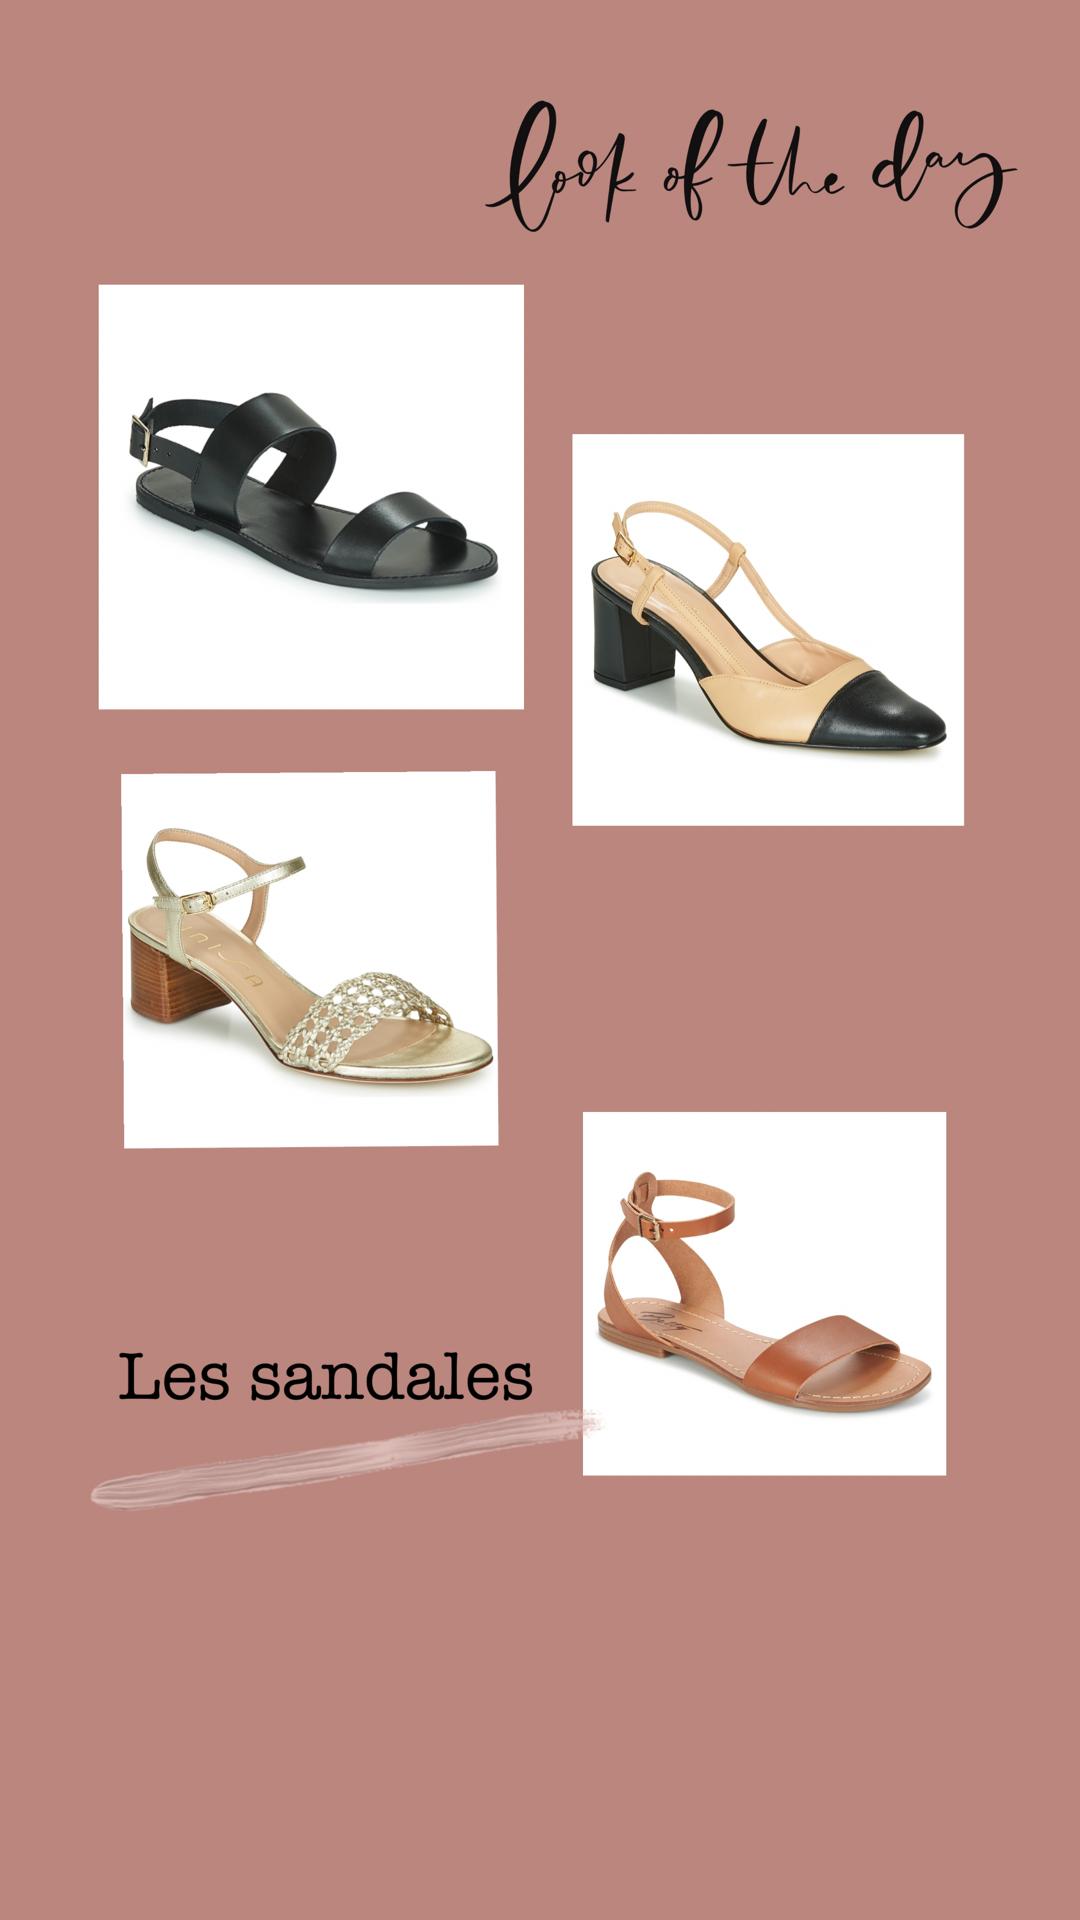 tendance-sandales-ethiques